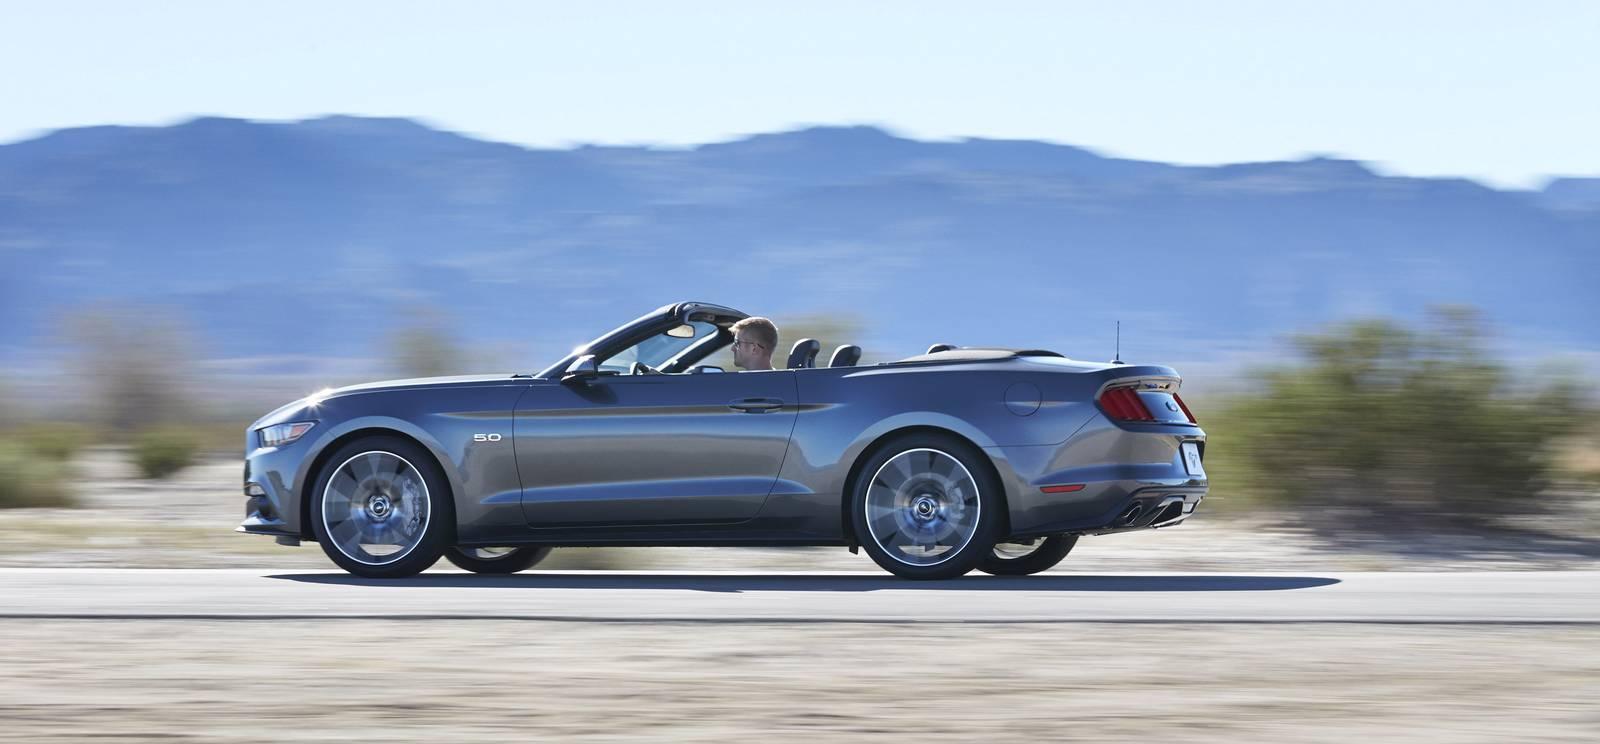 Mustang GT de 2015 (fuente: www.gtspirit.com)